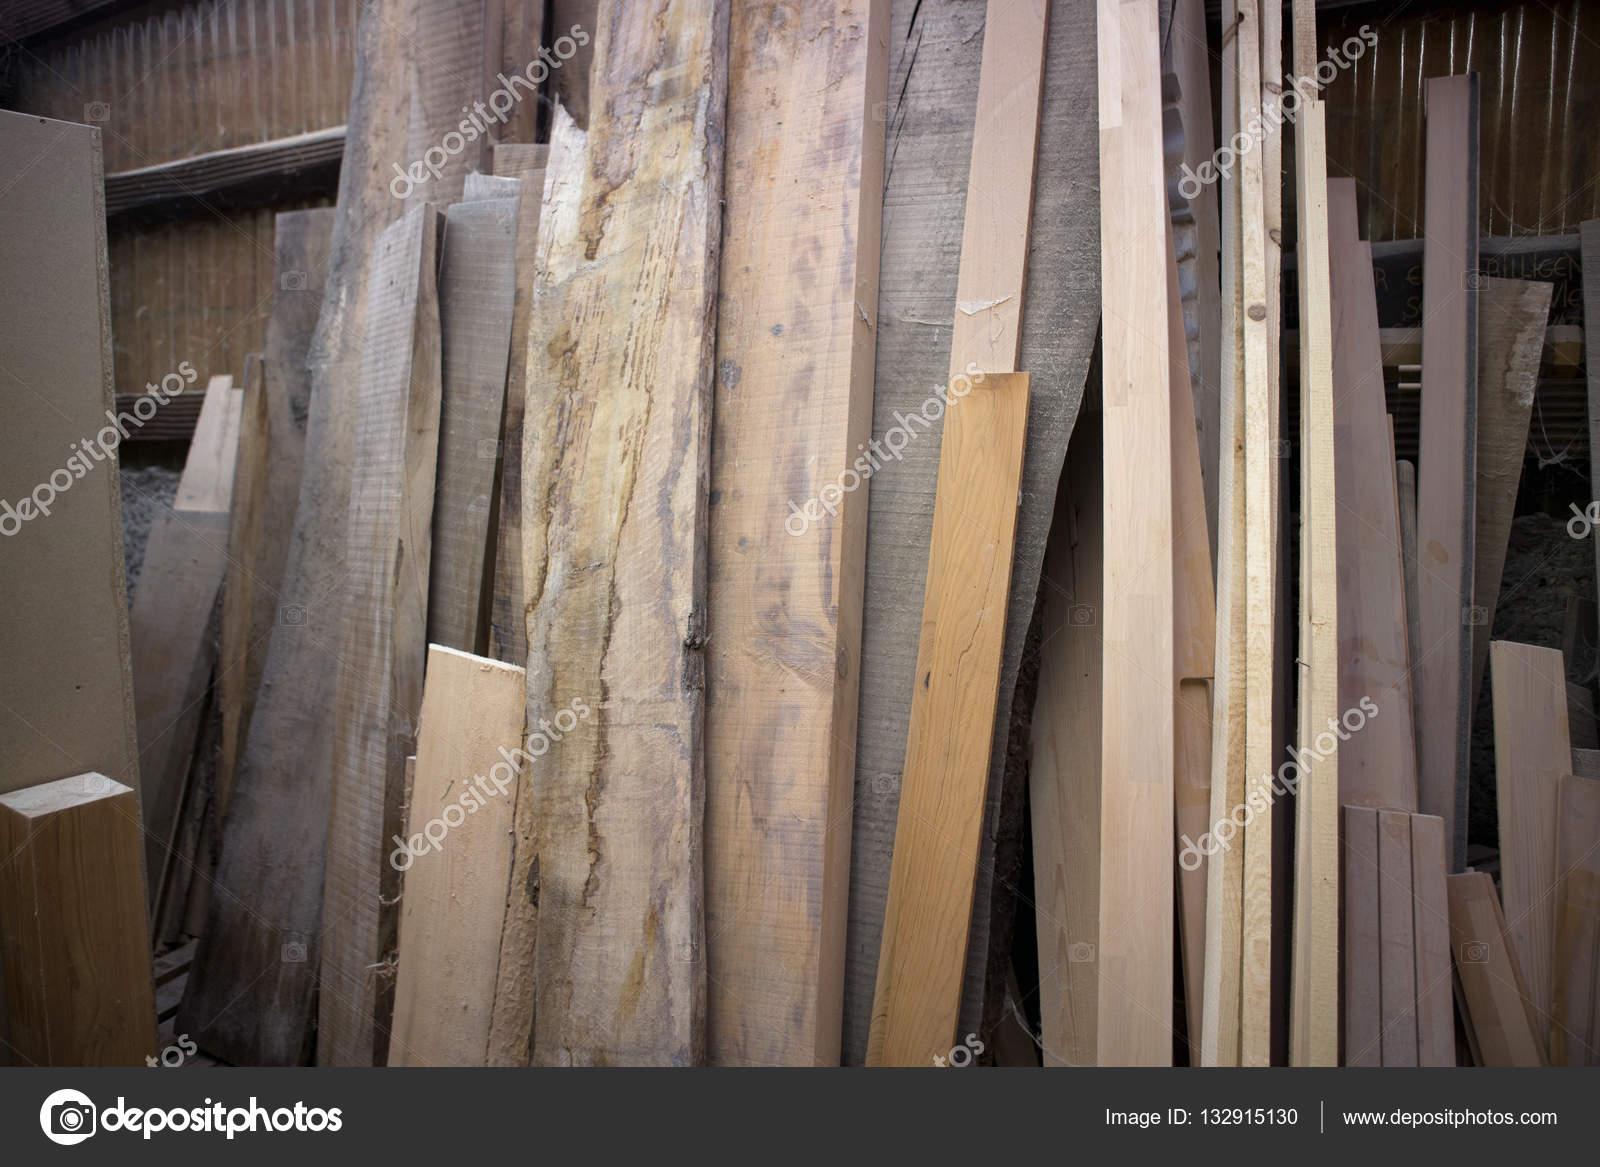 Houten Planken Tegen De Muur.Houten Planken Leunend Tegen Een Muur Stockfoto C Wernerimages